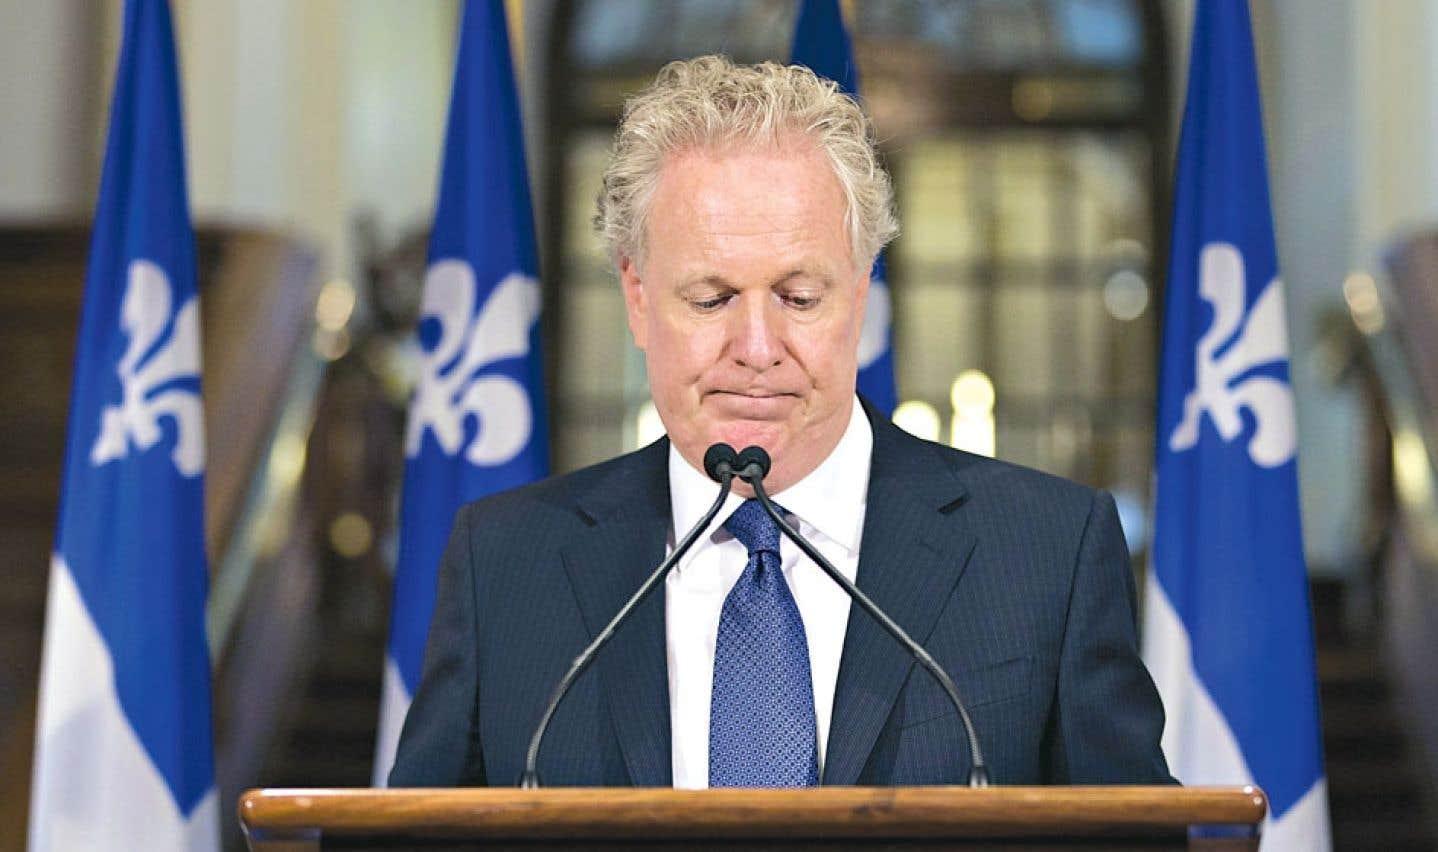 Jean Charest annonçant sa démission, le 5 septembre dernier, au lendemain de la défaite électorale des libéraux